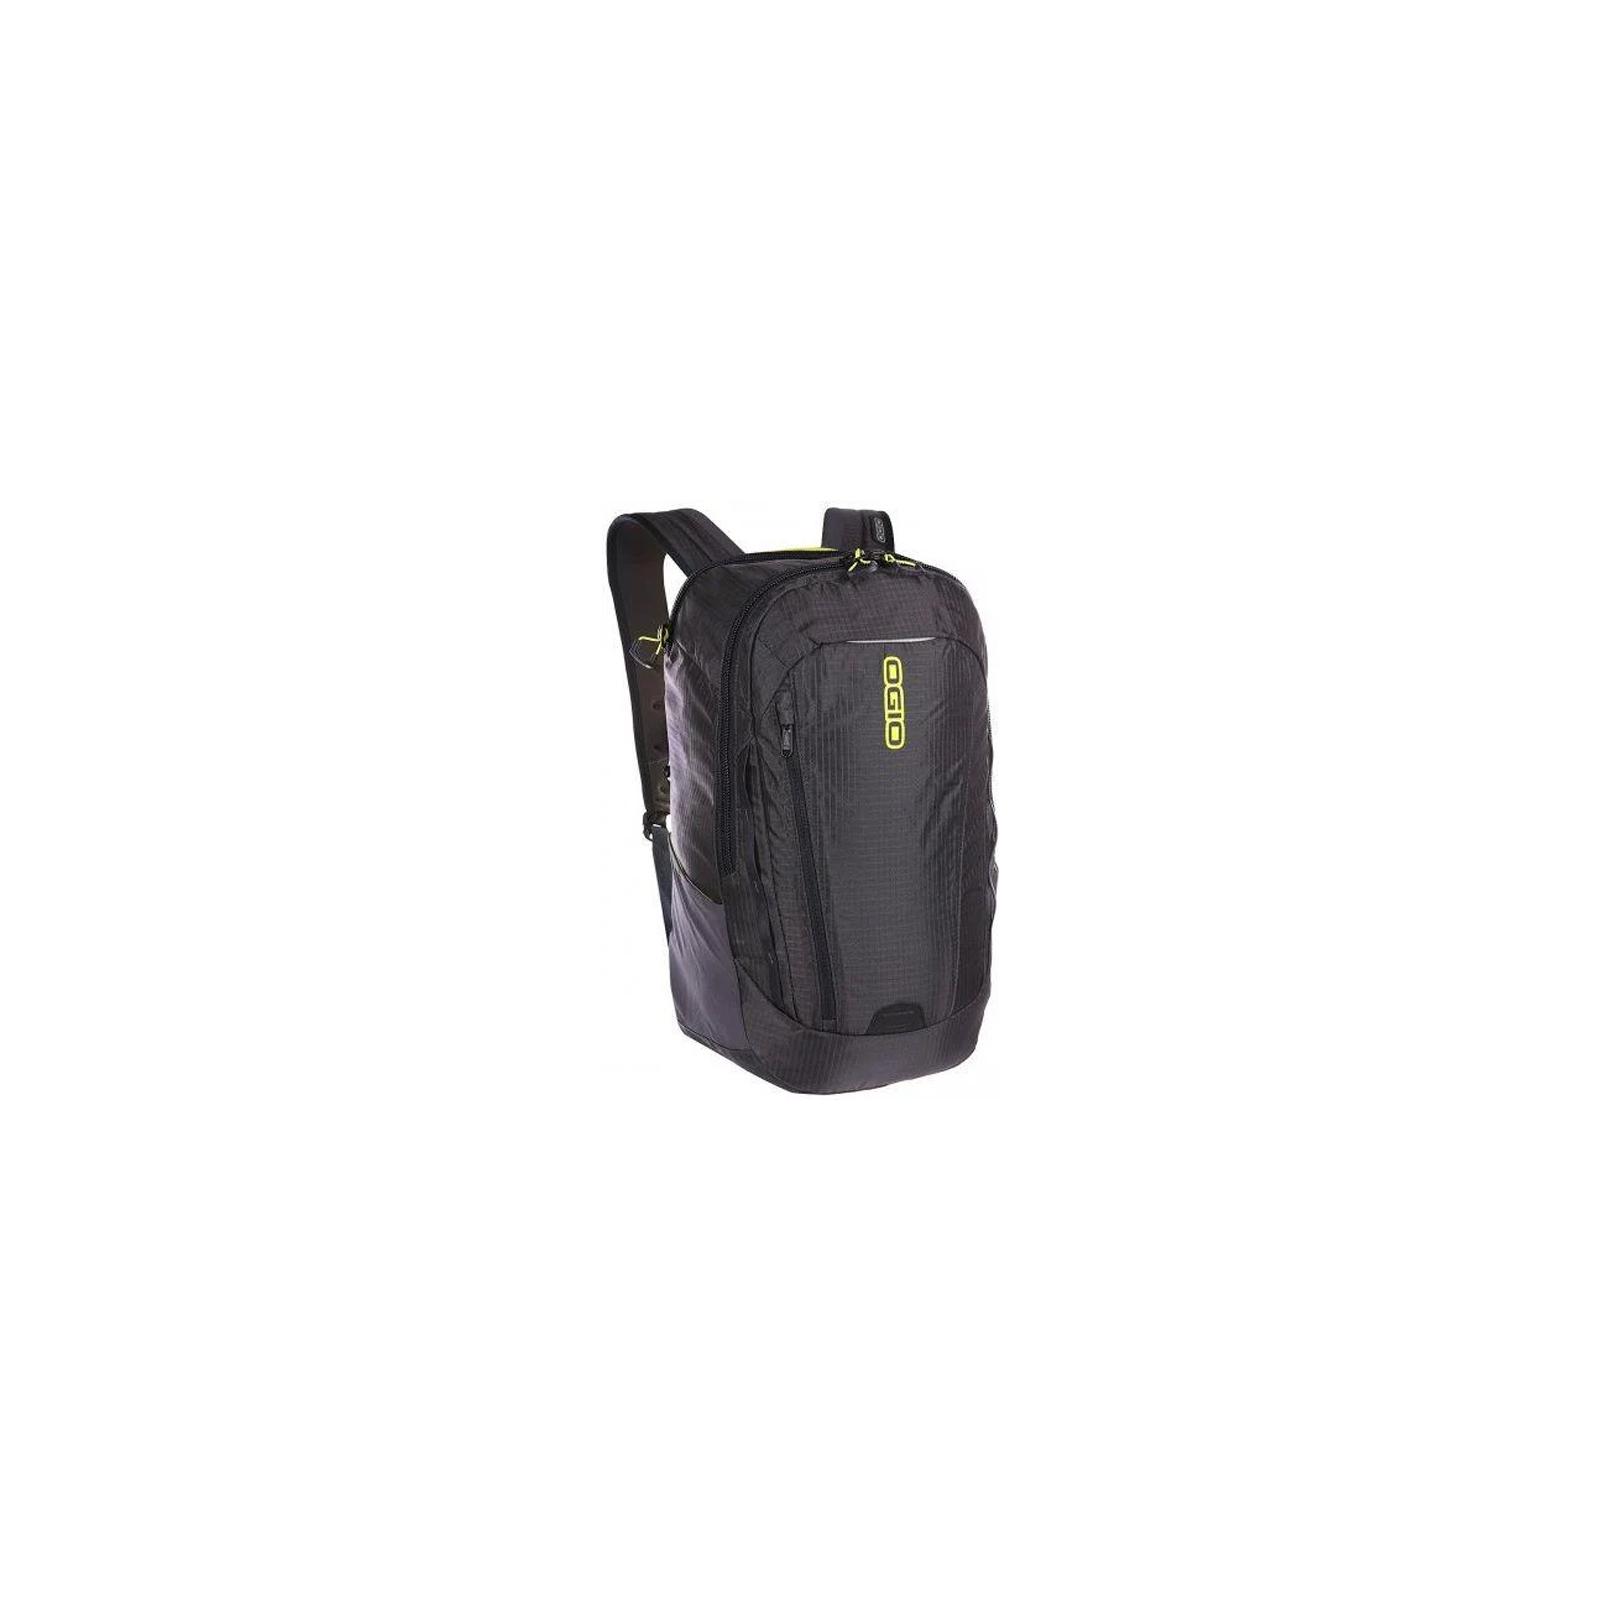 """Рюкзак для ноутбука Ogio 15.6"""" APOLLO Pack, Black/Acid (111106.248) изображение 2"""